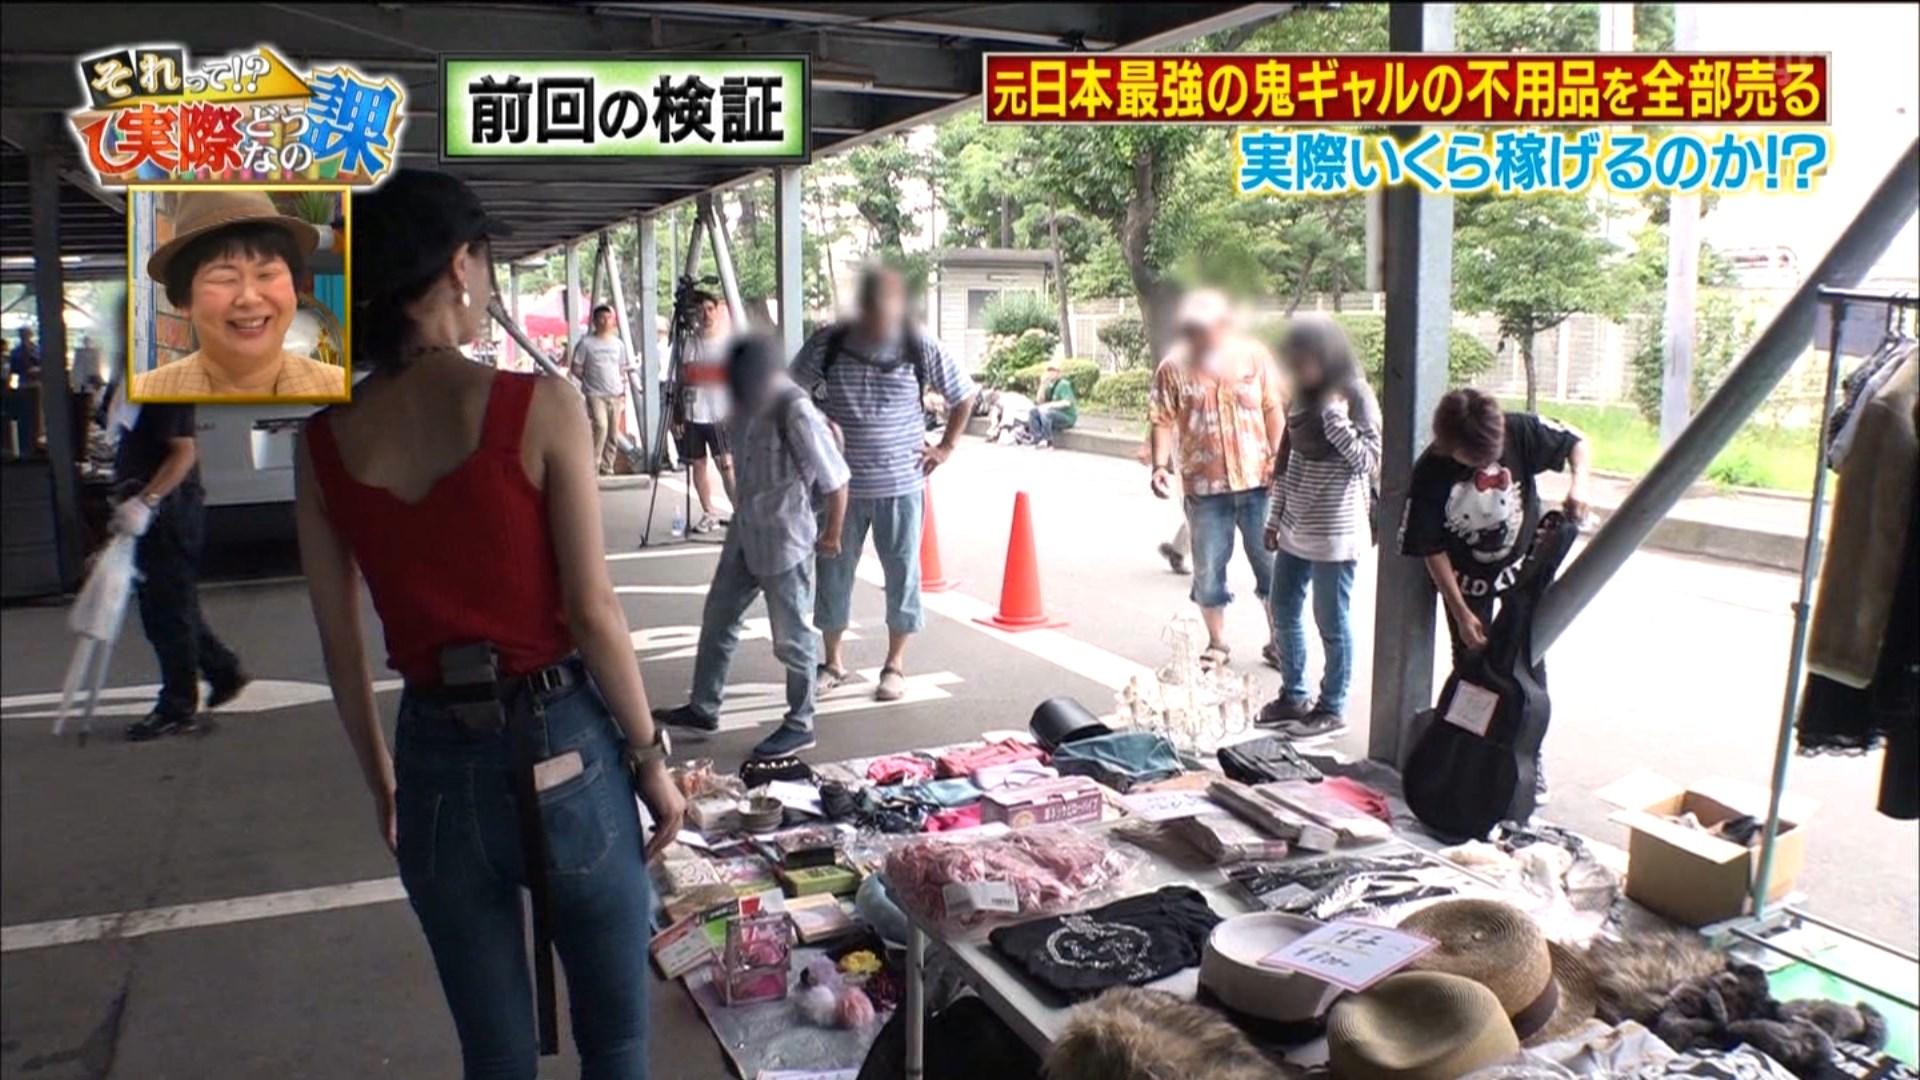 2019年9月11日に放送された「それって!?実際どうなの課」に出演したタレント・緑川静香さんのテレビキャプチャー画像-062